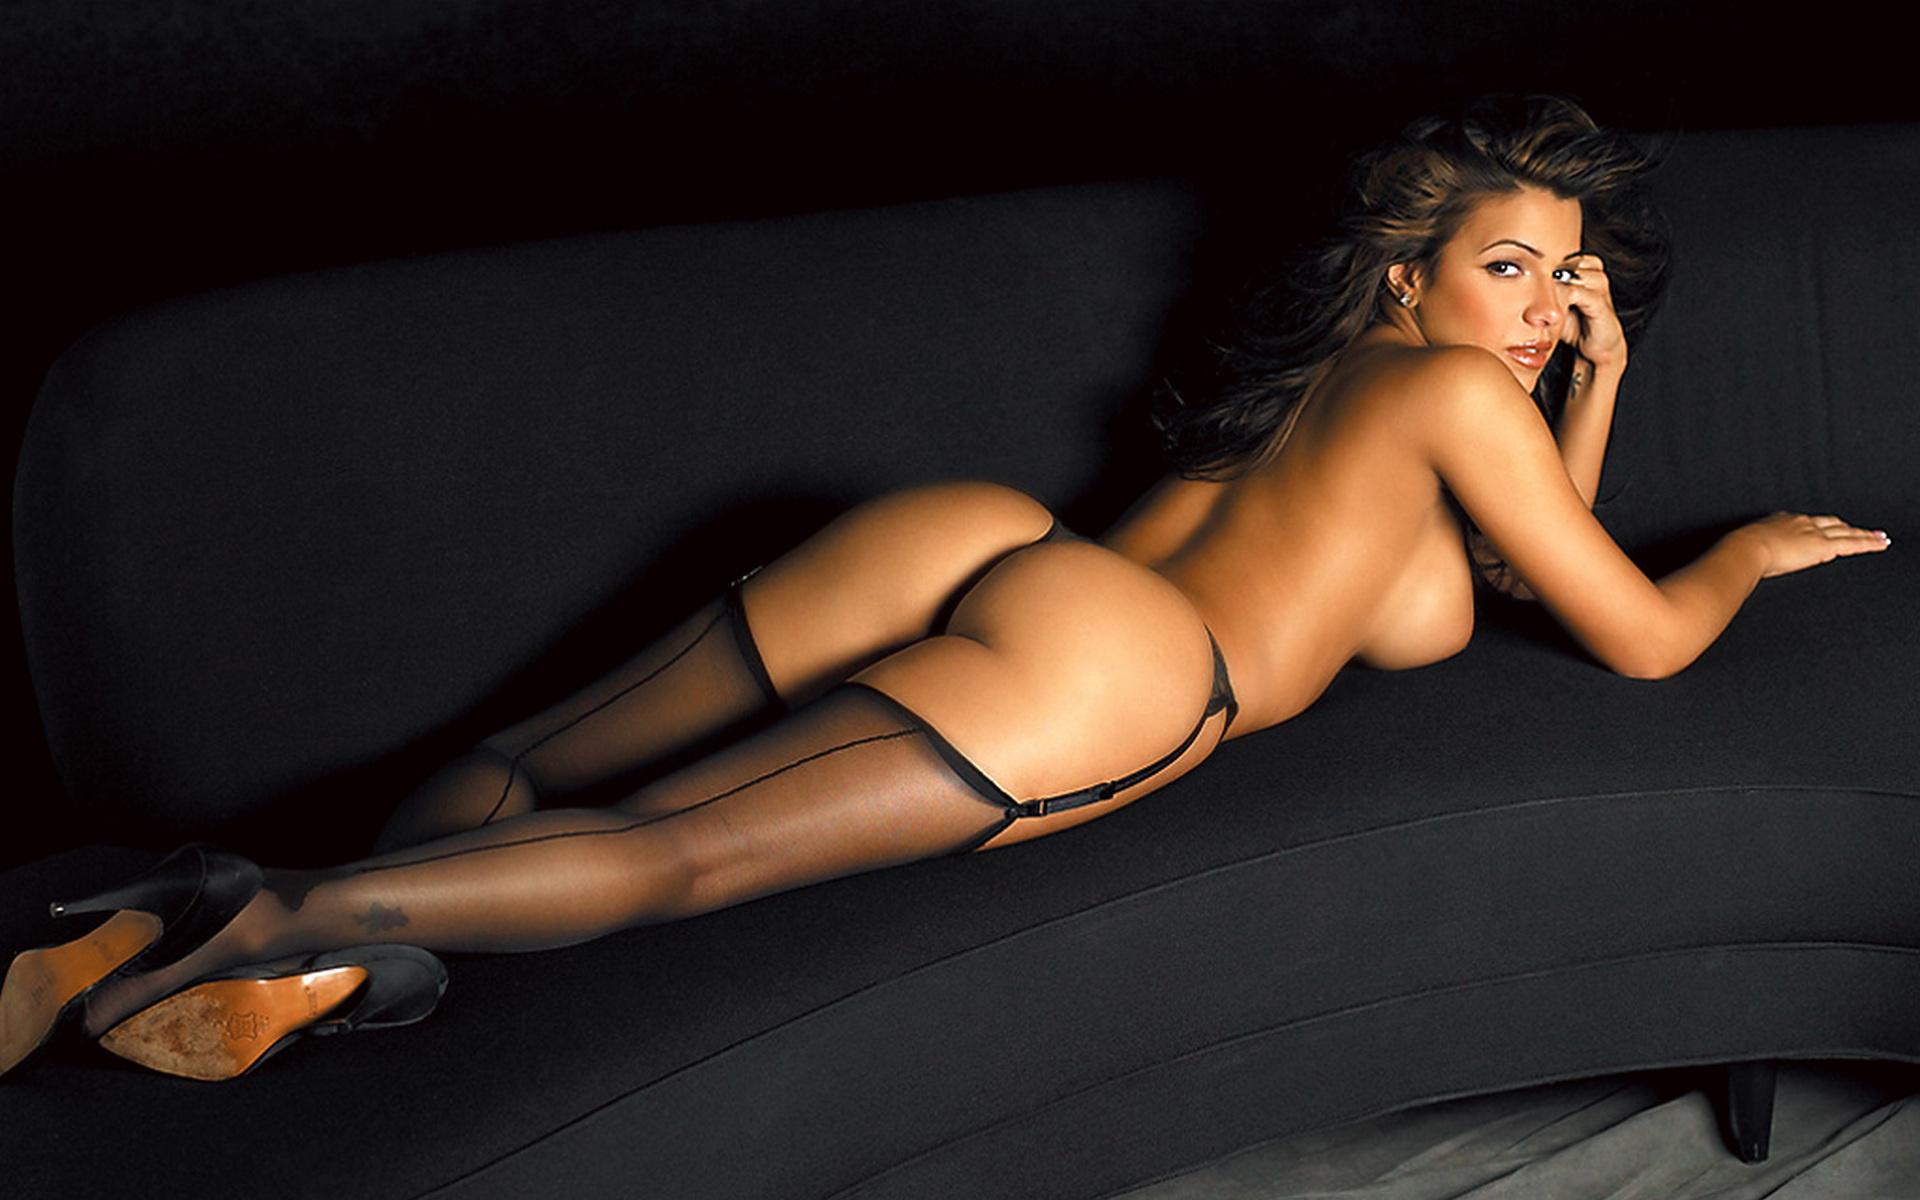 Фото красивых девушек со спины ню 5 фотография